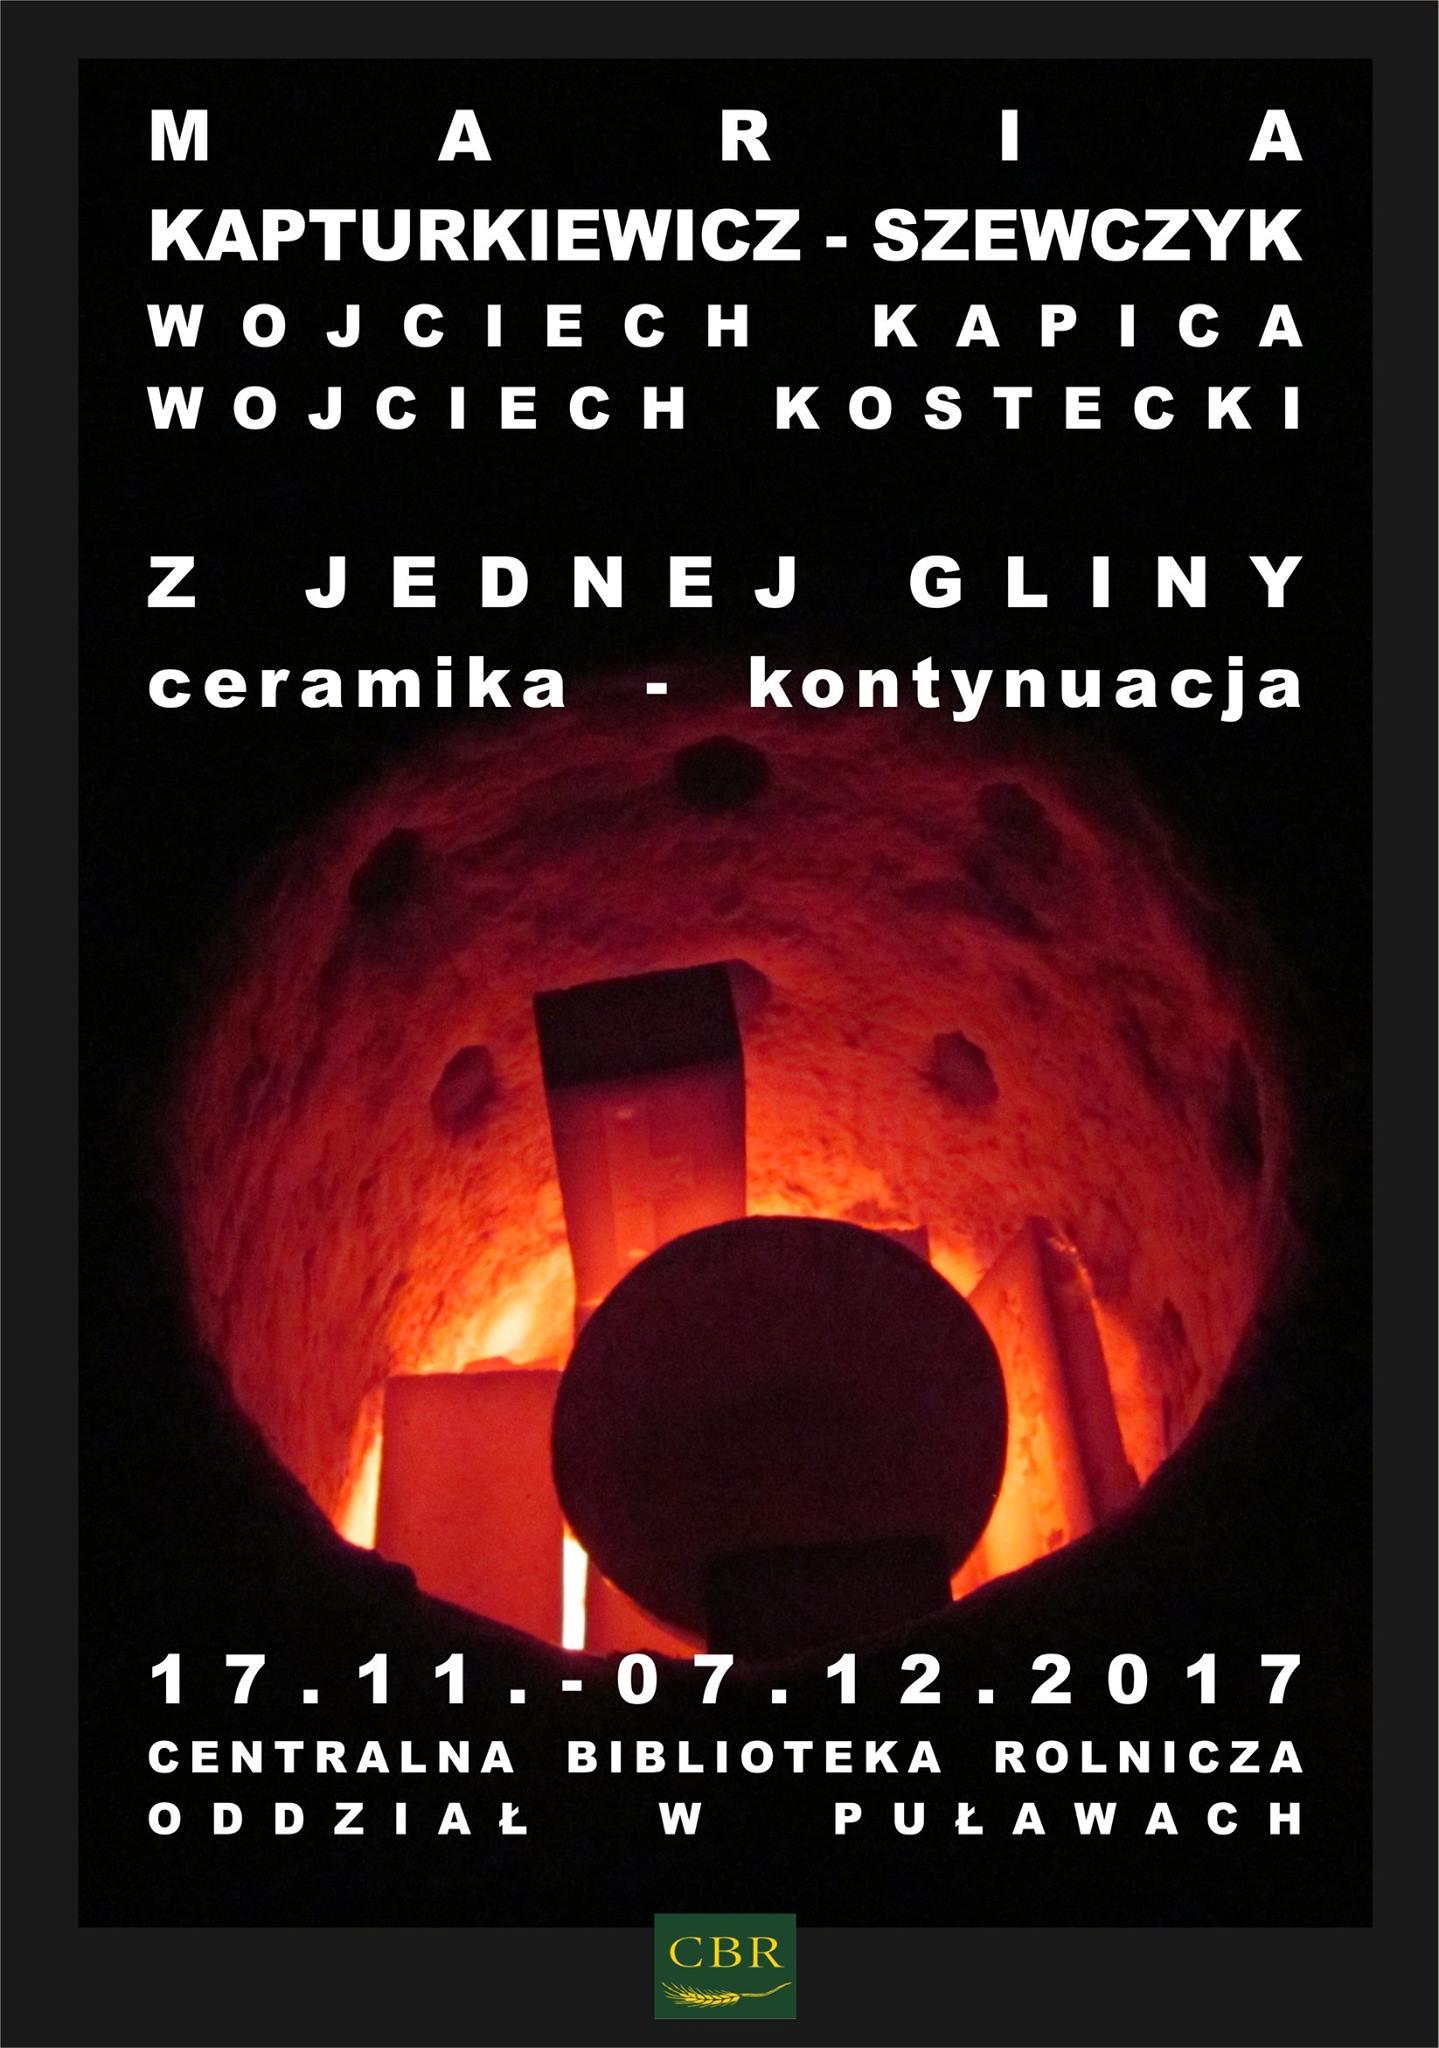 Centralna Biblioteka Rolnicza Oddział w Puławach zaprasza 17 listopada o godzinie 17:00 na wernisaż…